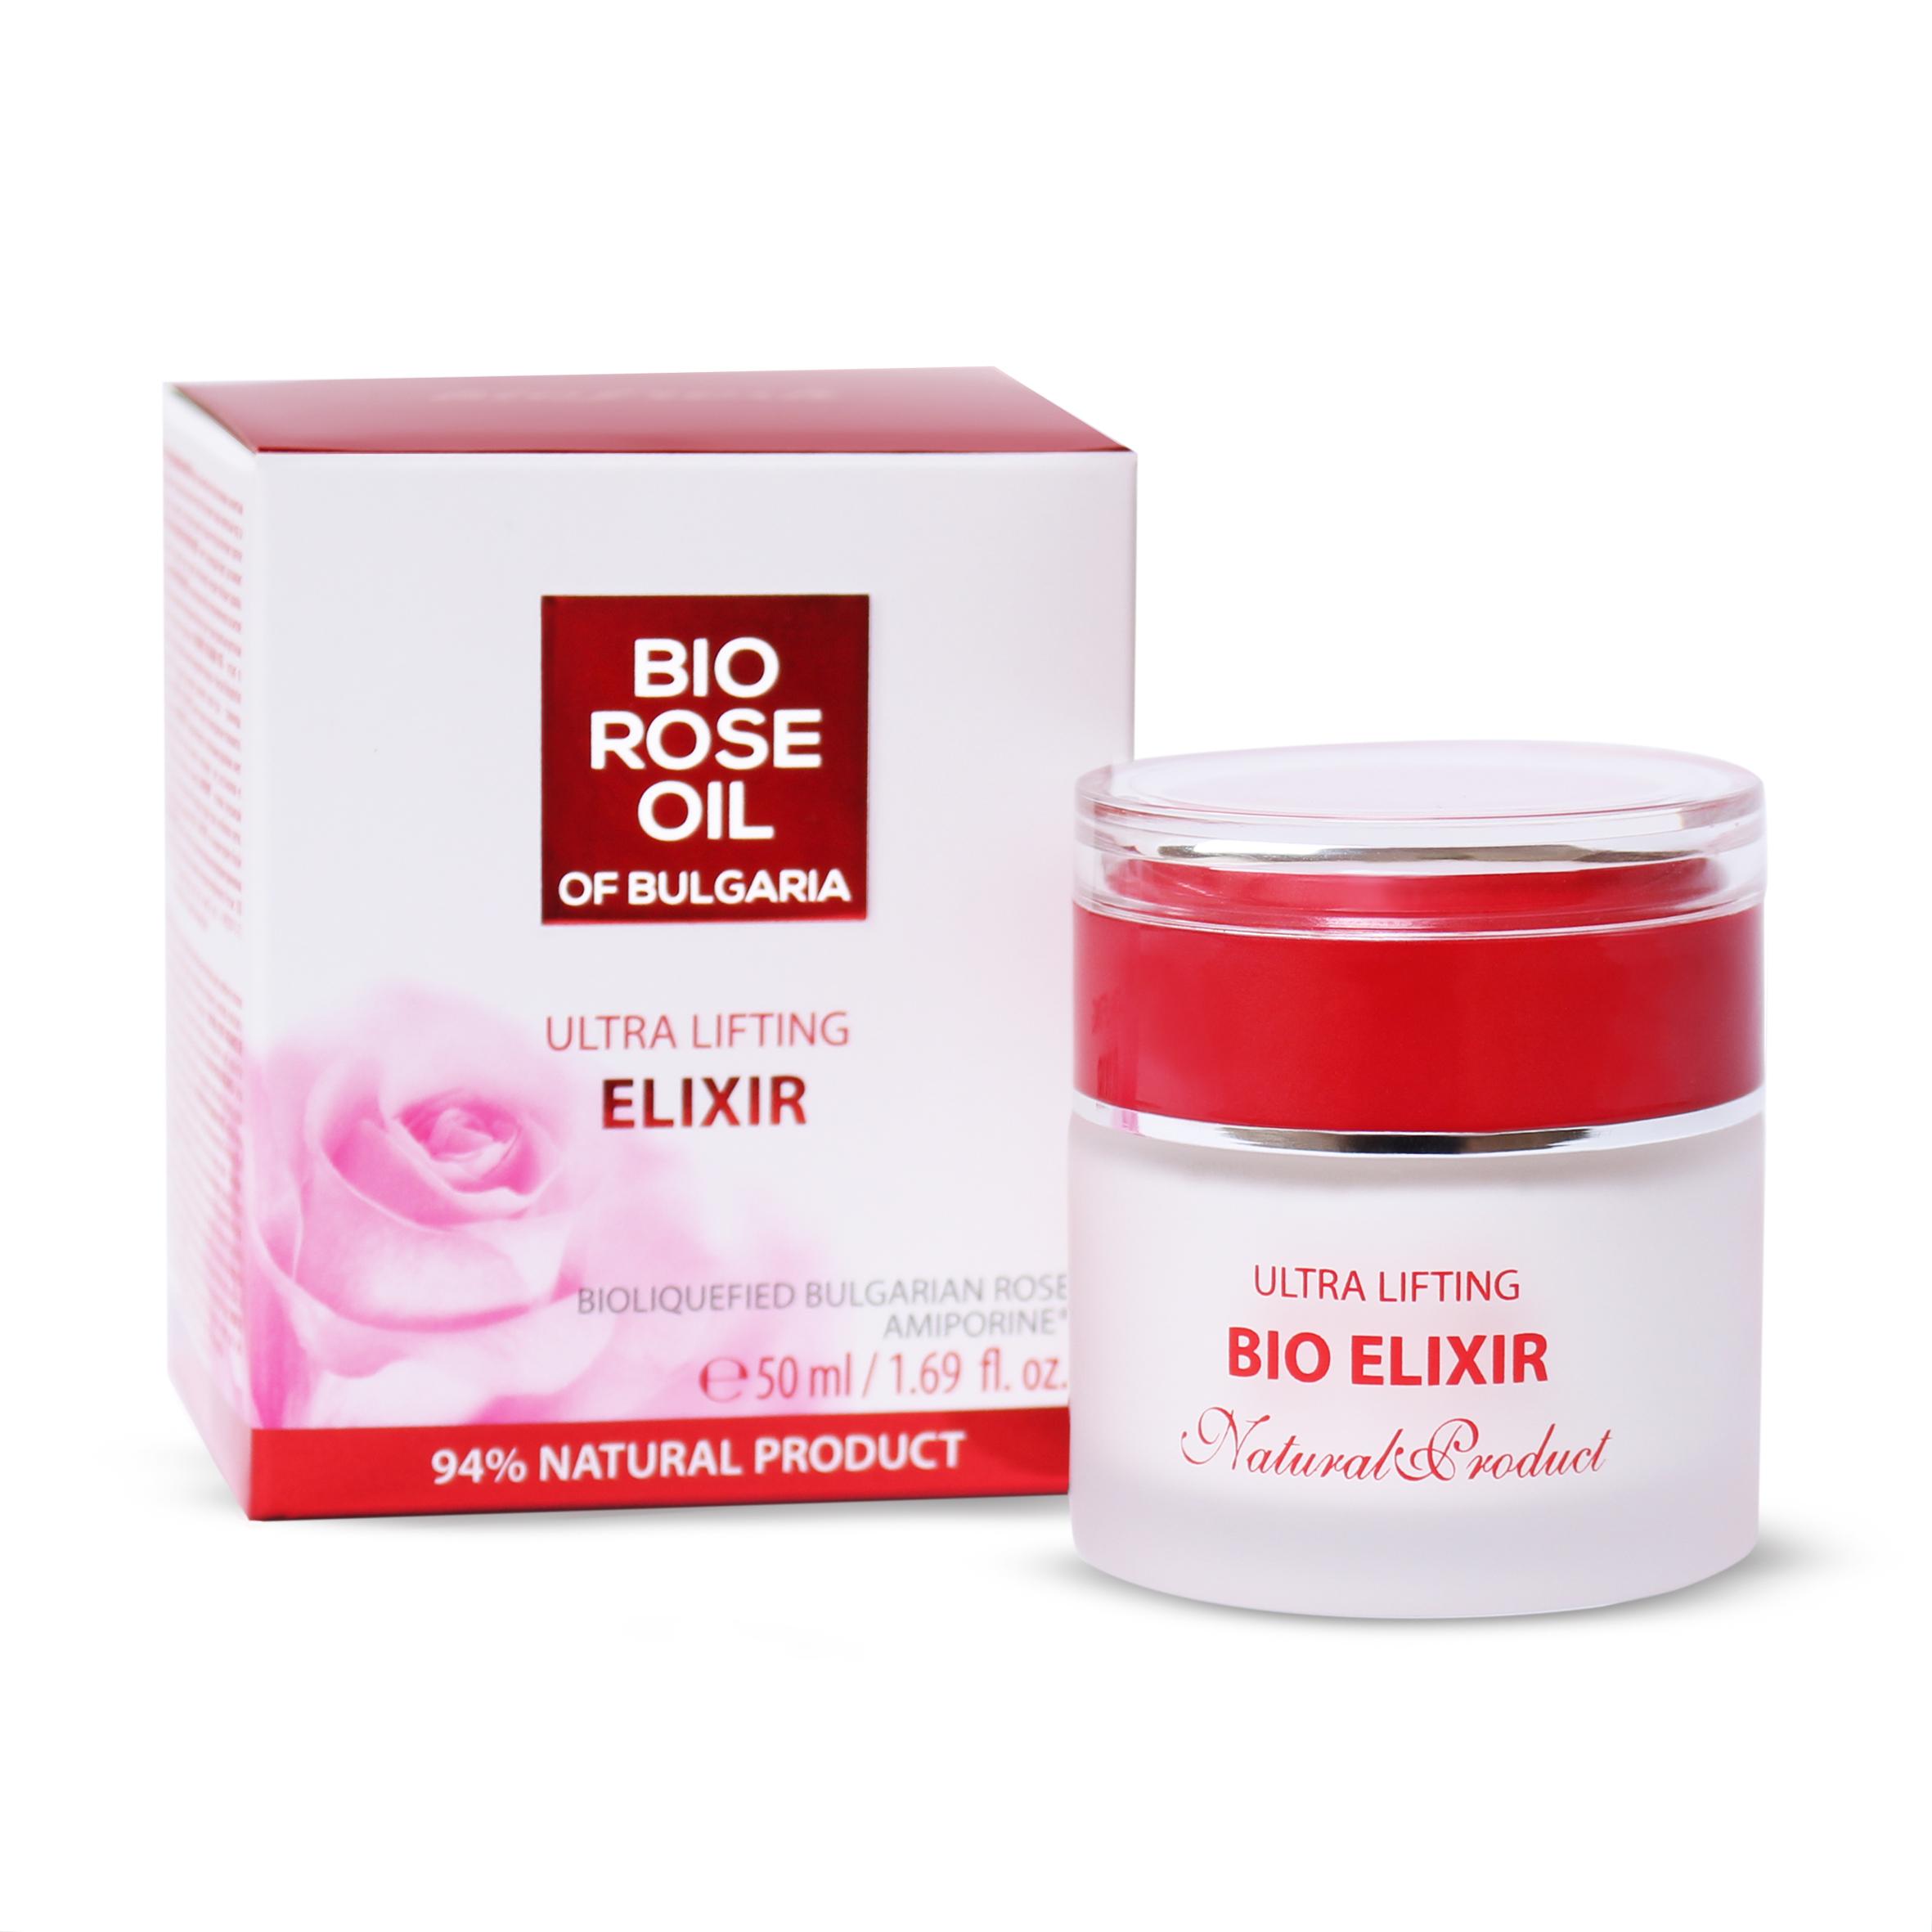 BioFresh Rose Oil Bio elixír proti stárnutí pleti s růžovým olejem 50 ml (Nejúčinnejší zbraň v boji proti stárnutí pleti. Obsahuje silnou kombinaci účinných složek: Amiporine, jojobový olej, bambucké máslo, shoreu, růžový olej, růžovou vodu a silici z pel